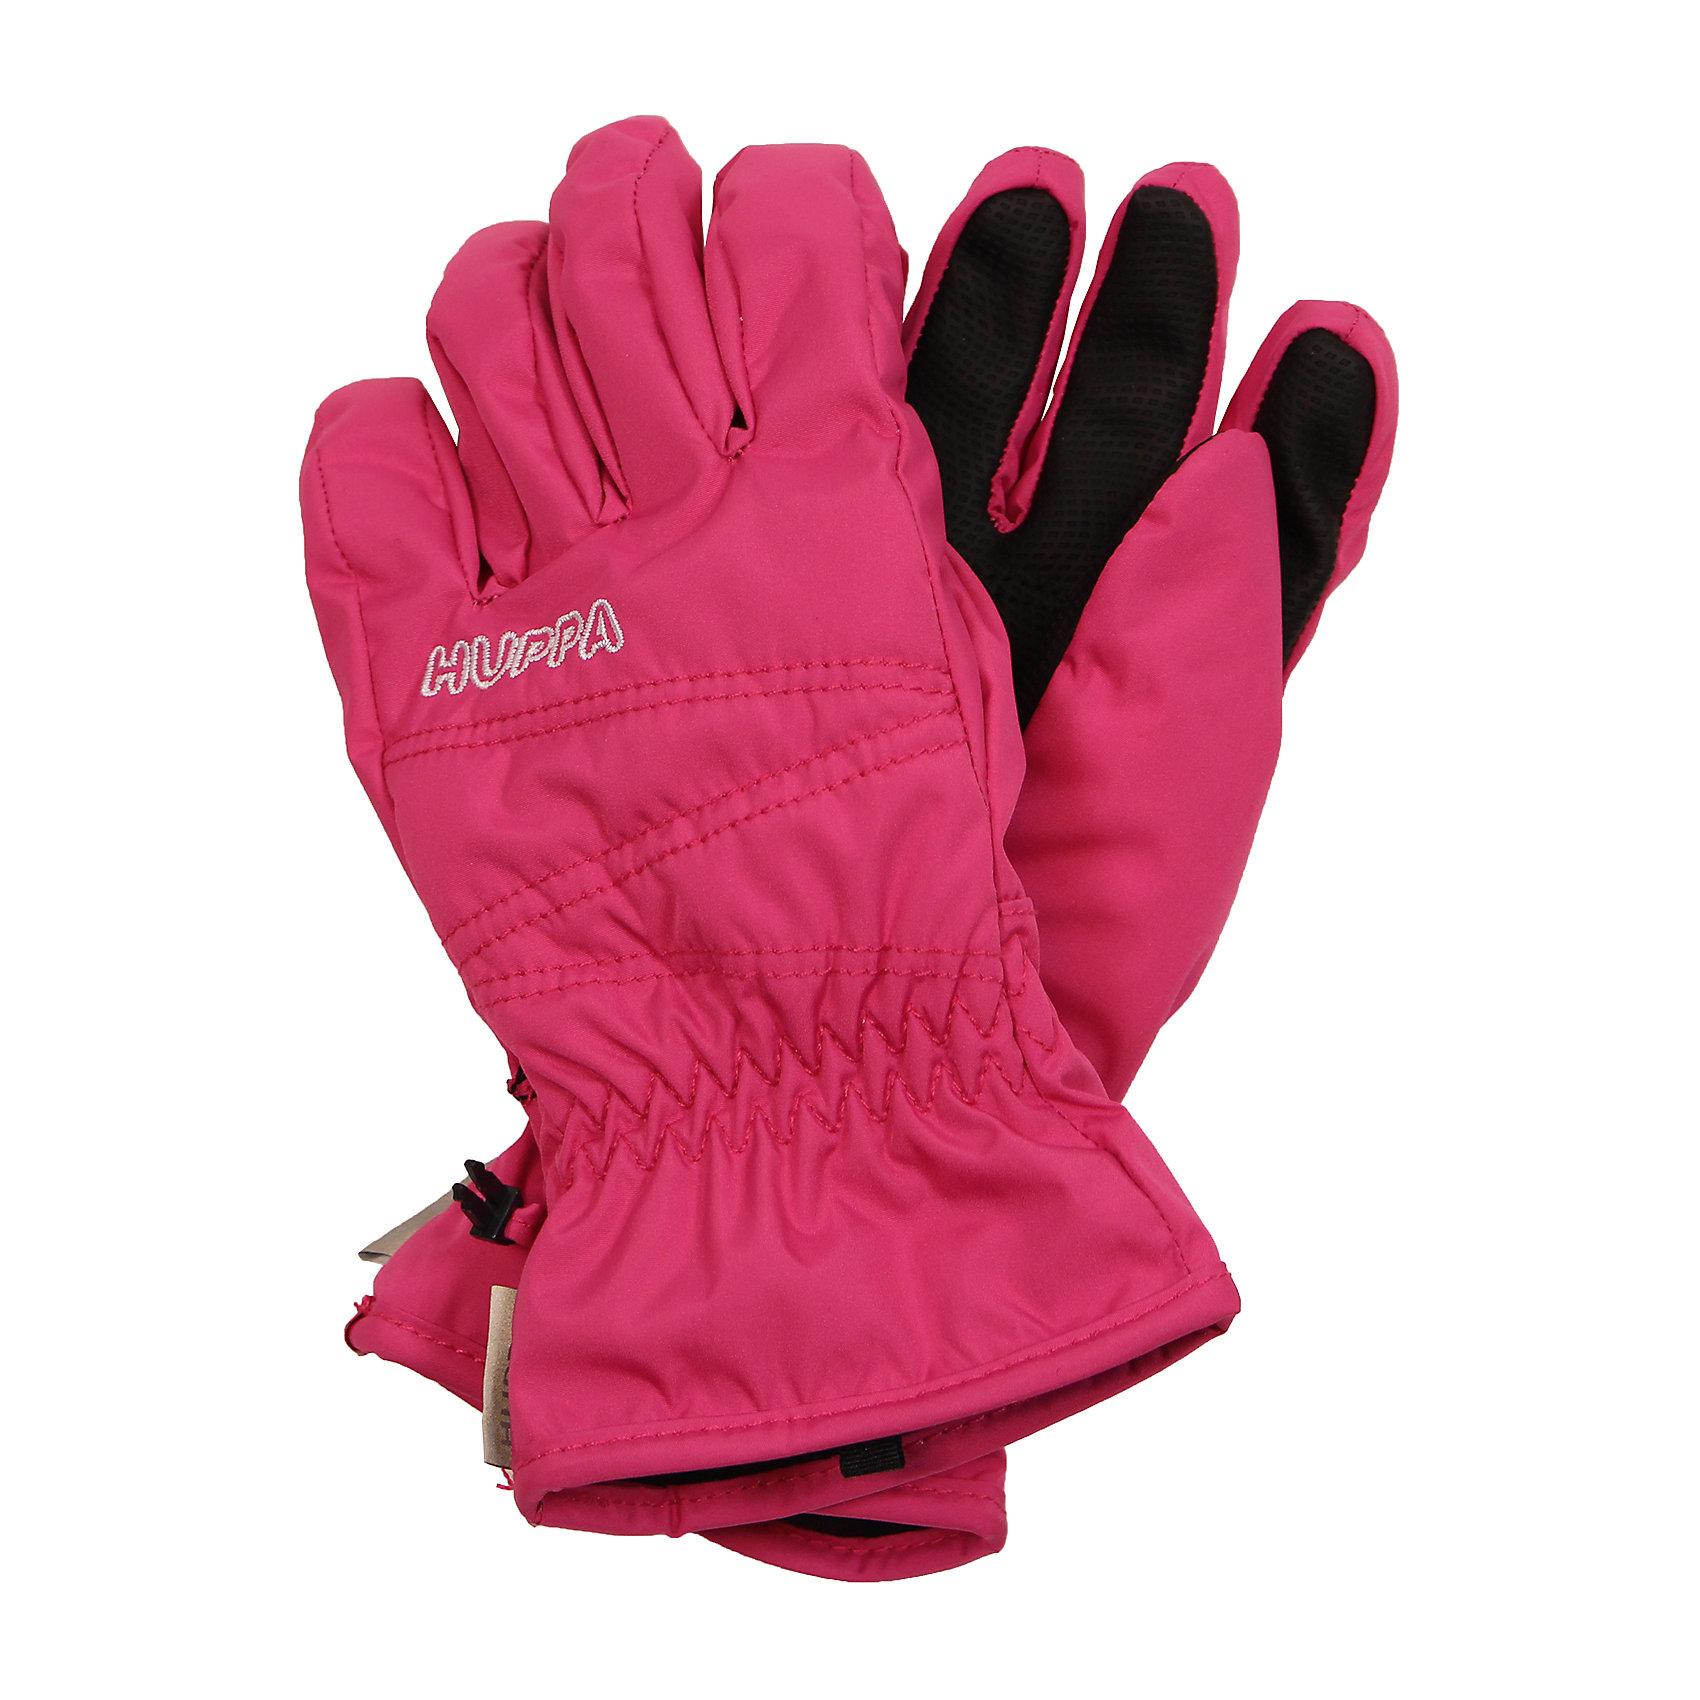 Перчатки для девочки HuppaПерчатки, варежки<br>Детские классические перчатки. У перчаток приятная подкладка из полиэстера и хорошо дышащая и водоотталкивающая ткань, которая поможет держать руки в сухости и тепле. Для удобства использования на запястье добавлена резинка, которая поможет перчаткам надежно держаться на руках, а в качестве украшения - красивая вышивка. Маленькие зажимы в средней части помогут держать пару варежек вместе после использования. <br><br>Перчатки для девочки Huppa (Хуппа) можно купить в нашем магазине.<br><br>Ширина мм: 162<br>Глубина мм: 171<br>Высота мм: 55<br>Вес г: 119<br>Цвет: розовый<br>Возраст от месяцев: 120<br>Возраст до месяцев: 144<br>Пол: Женский<br>Возраст: Детский<br>Размер: 7,3,4,8,6,5<br>SKU: 4242860